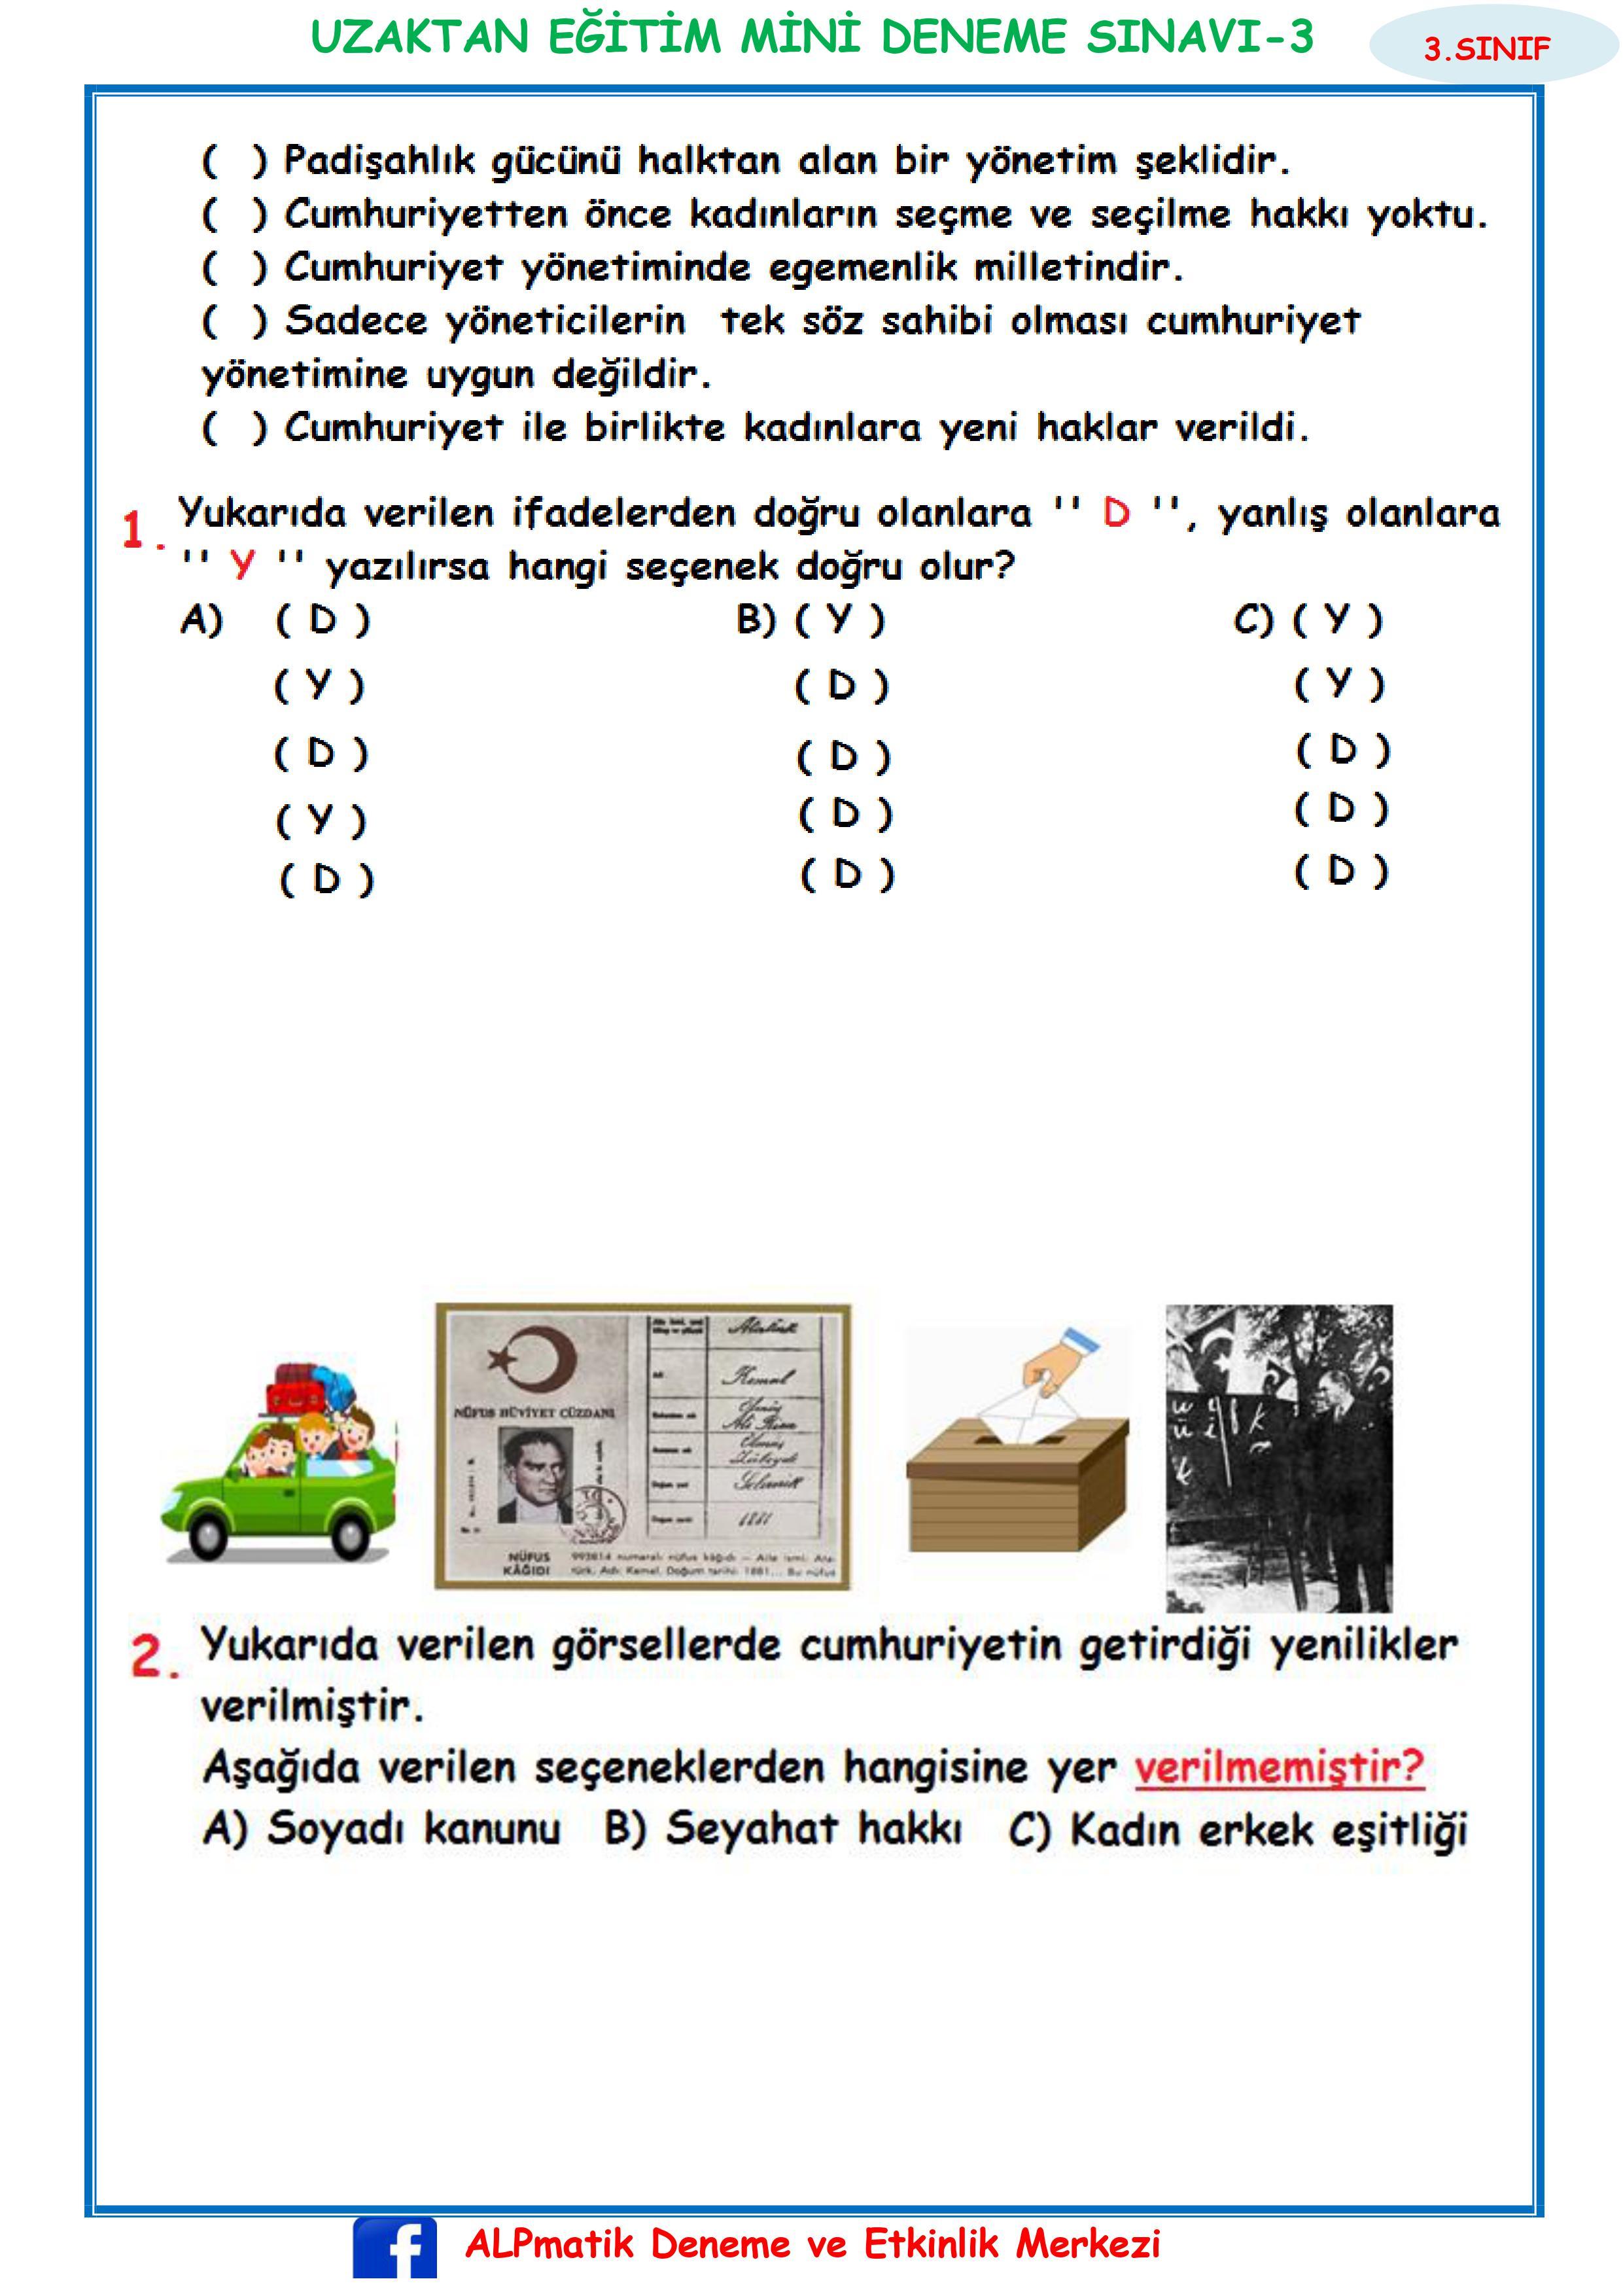 3.SINIF HAFTALIK MİNİ DENEME SINAVI-3( BECERİ TEMELLİ)